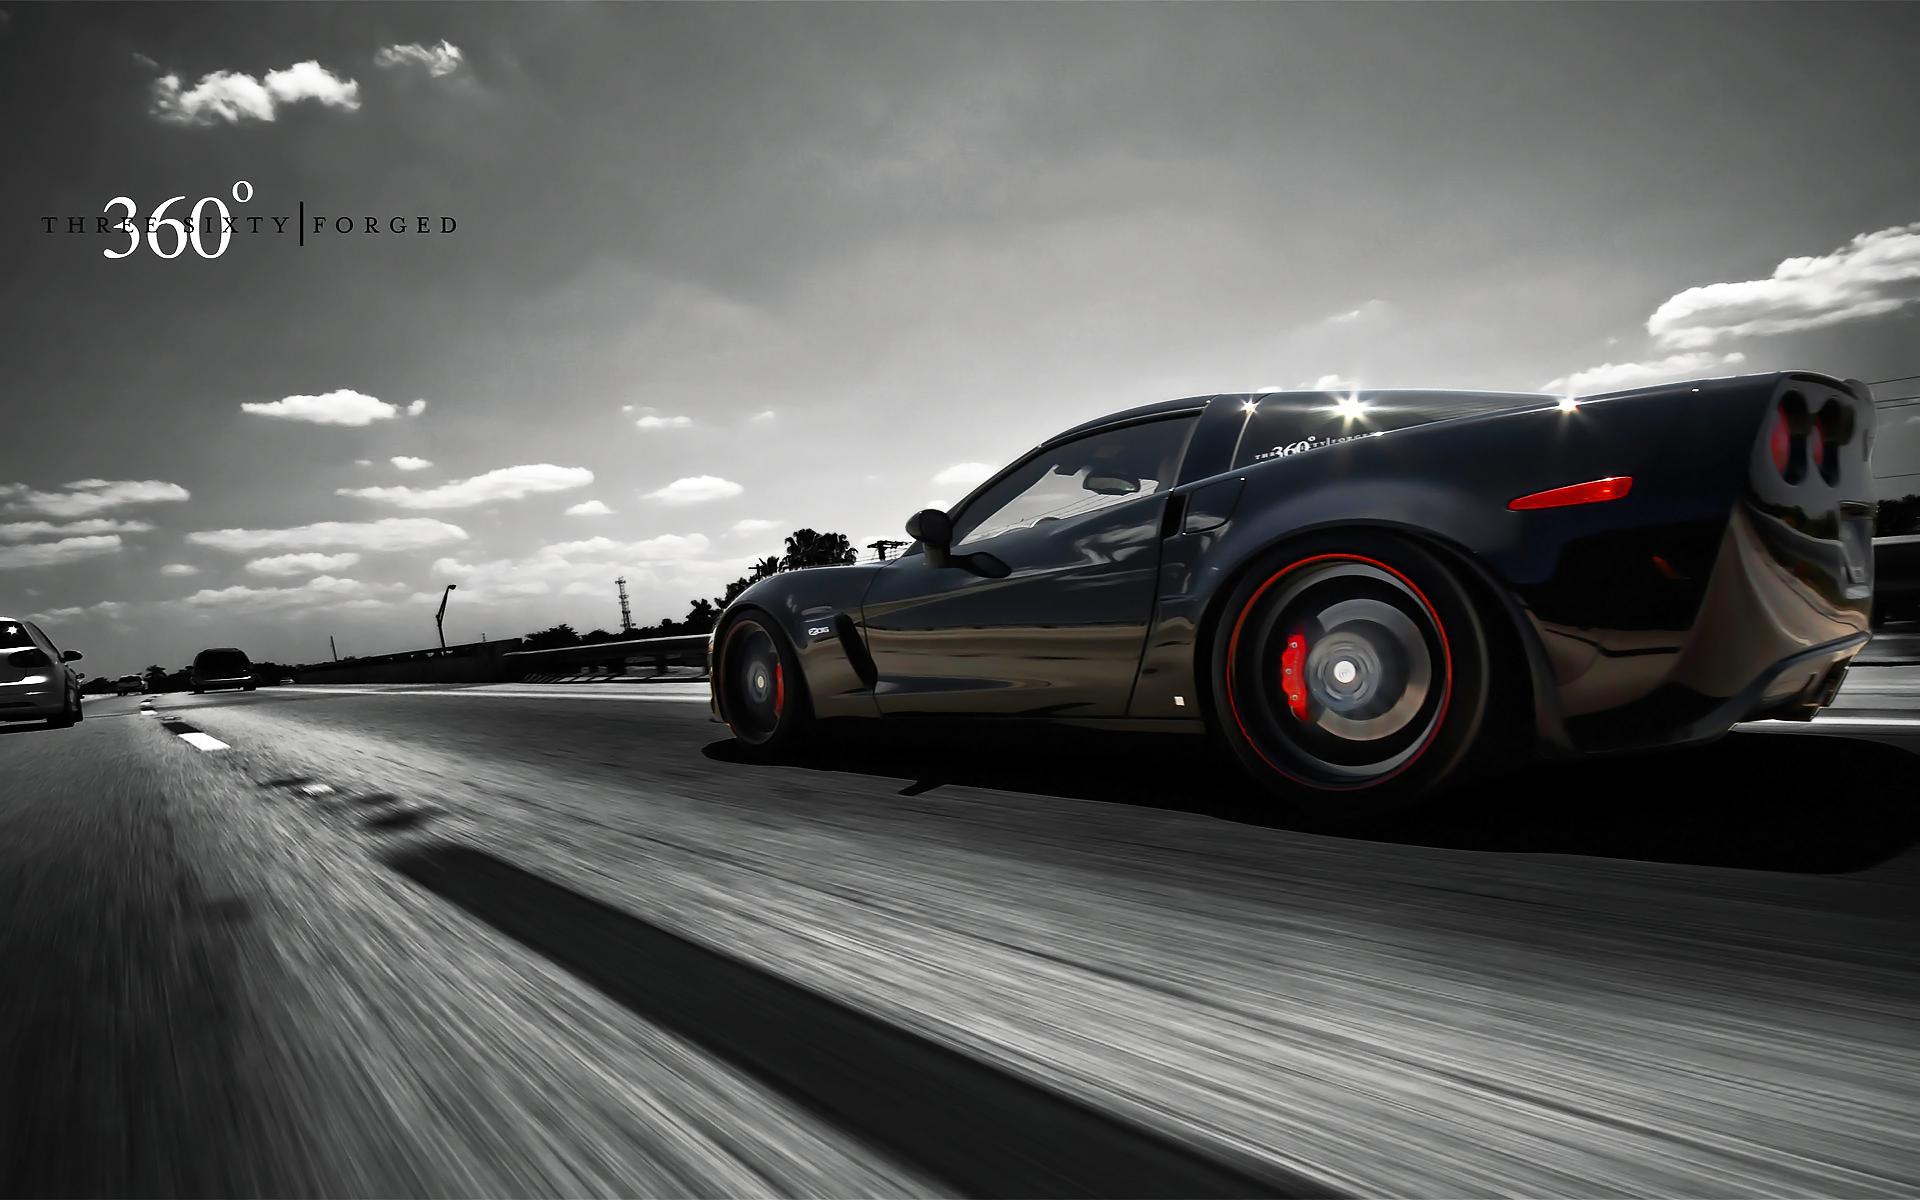 Corvette HD